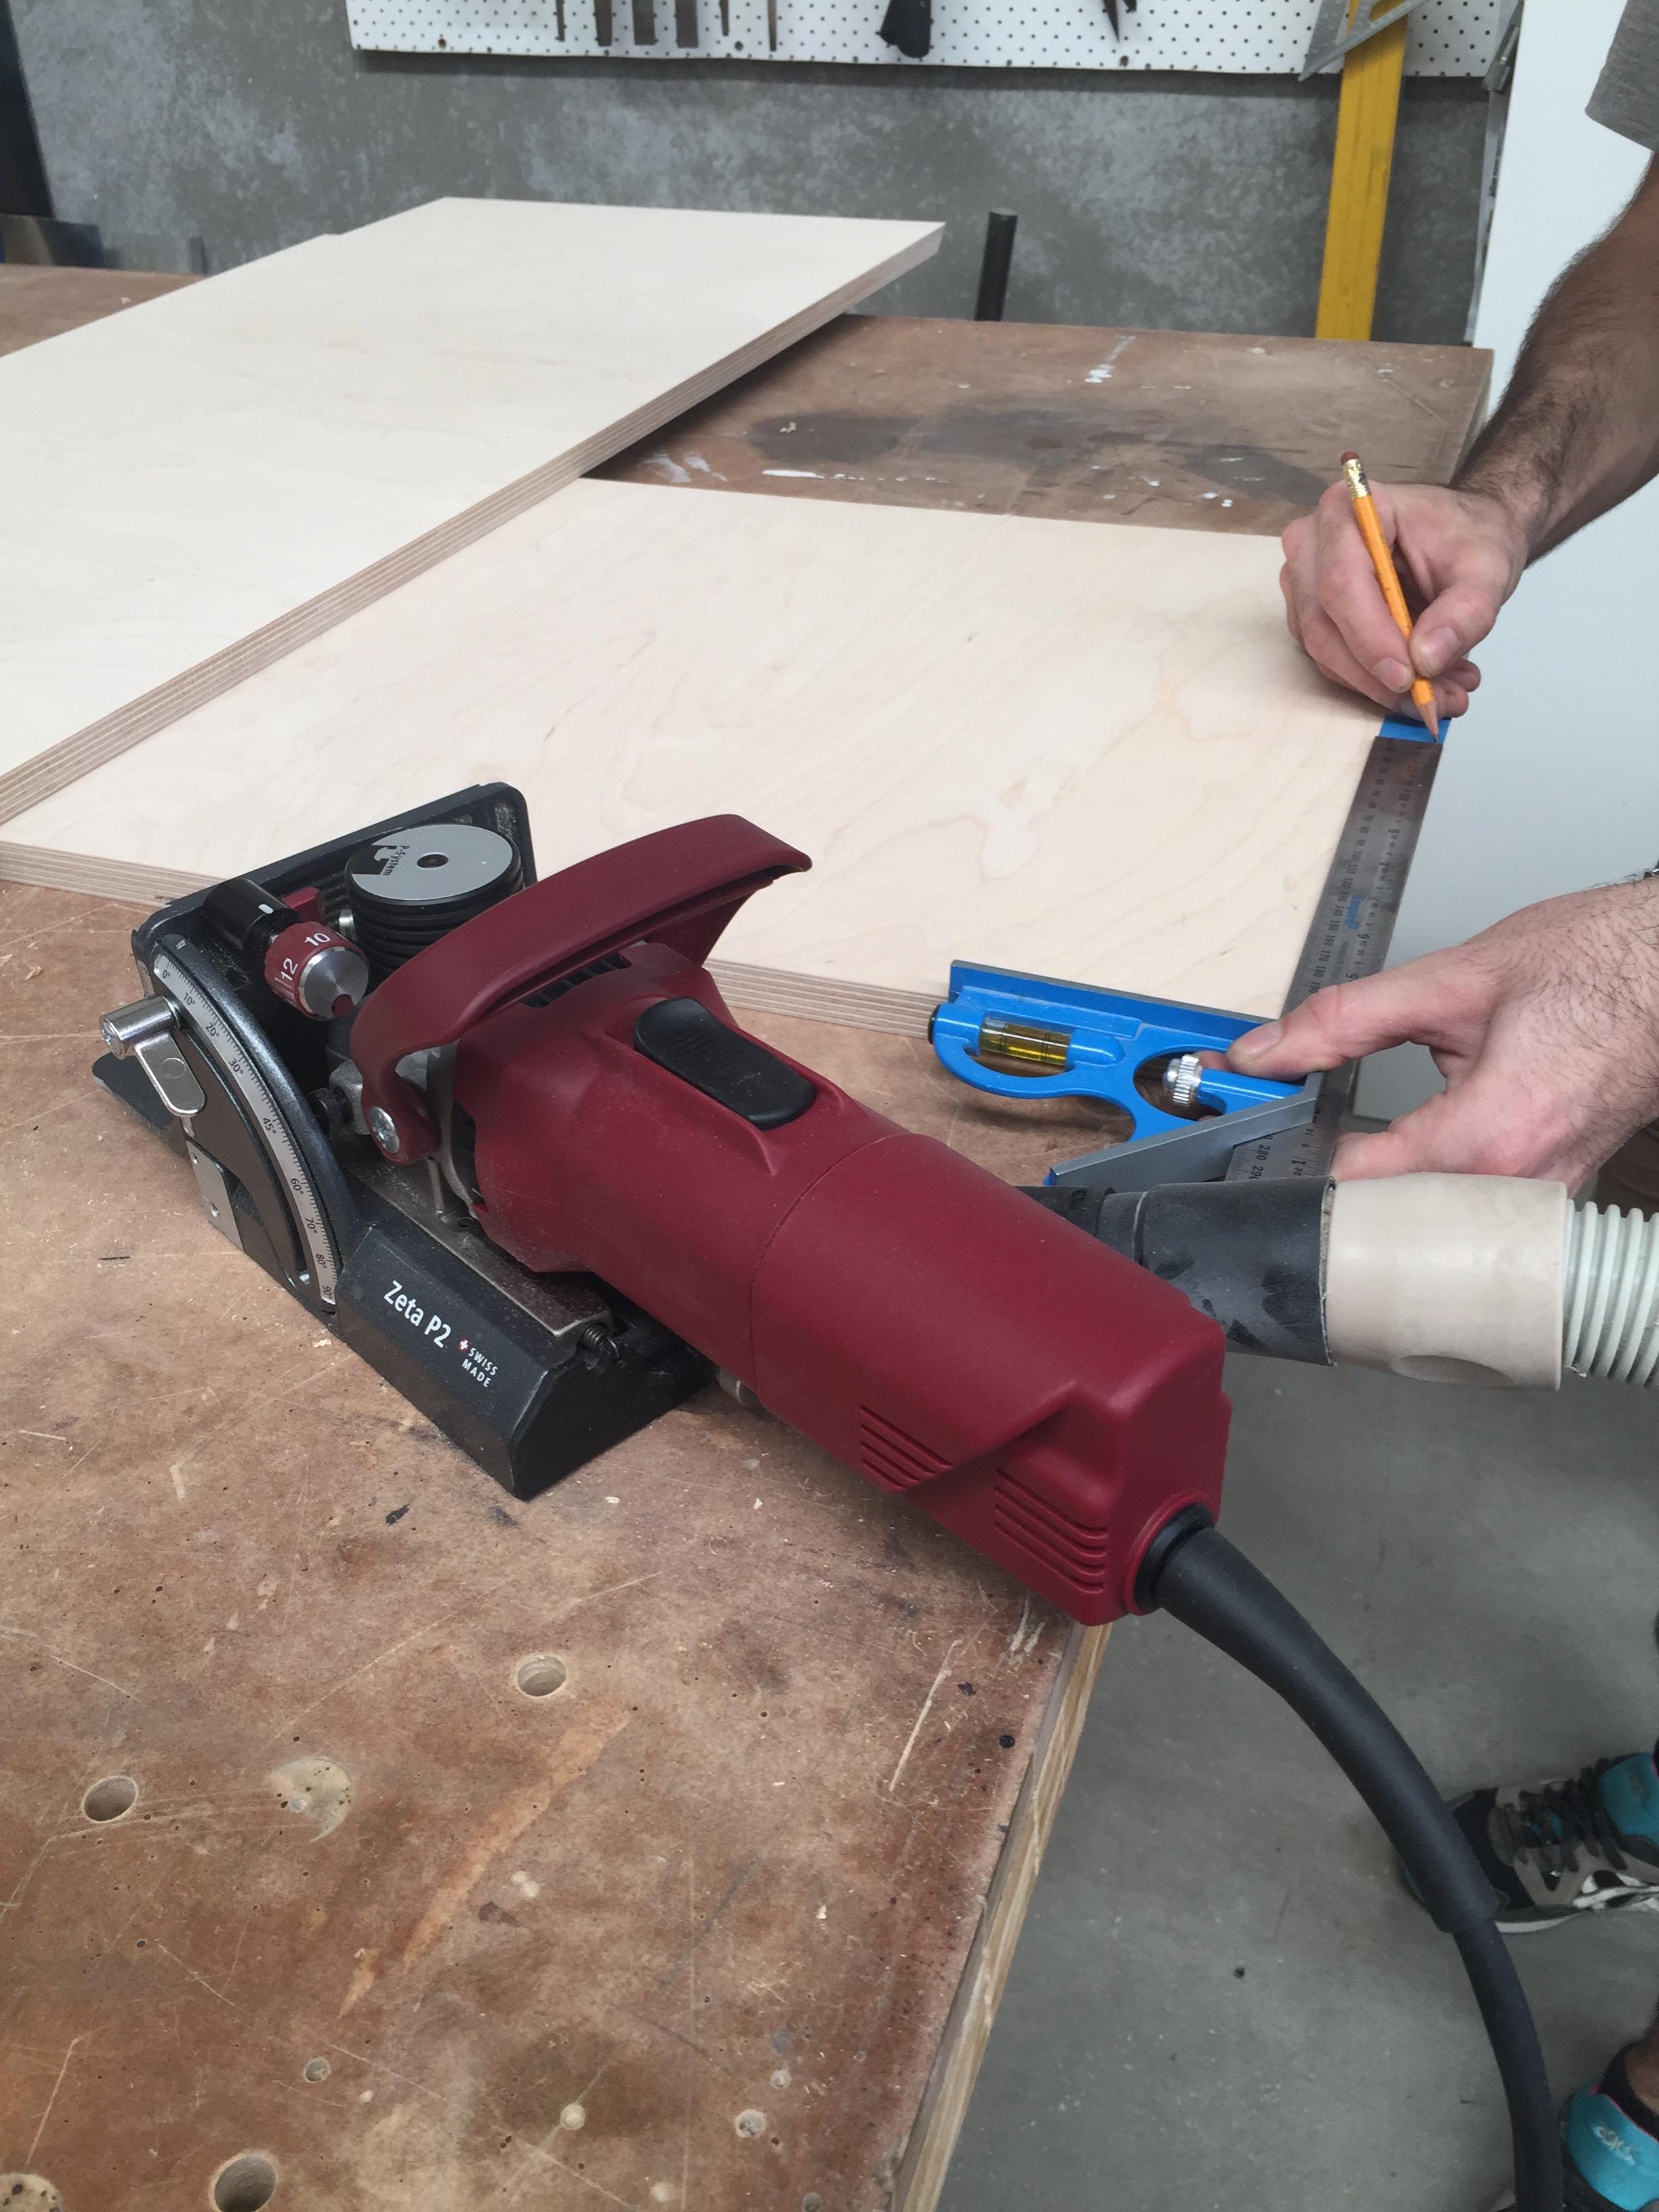 SoWatt-WIP-Loft-Plywood-Furniture-CNC-Lamello-01.jpg